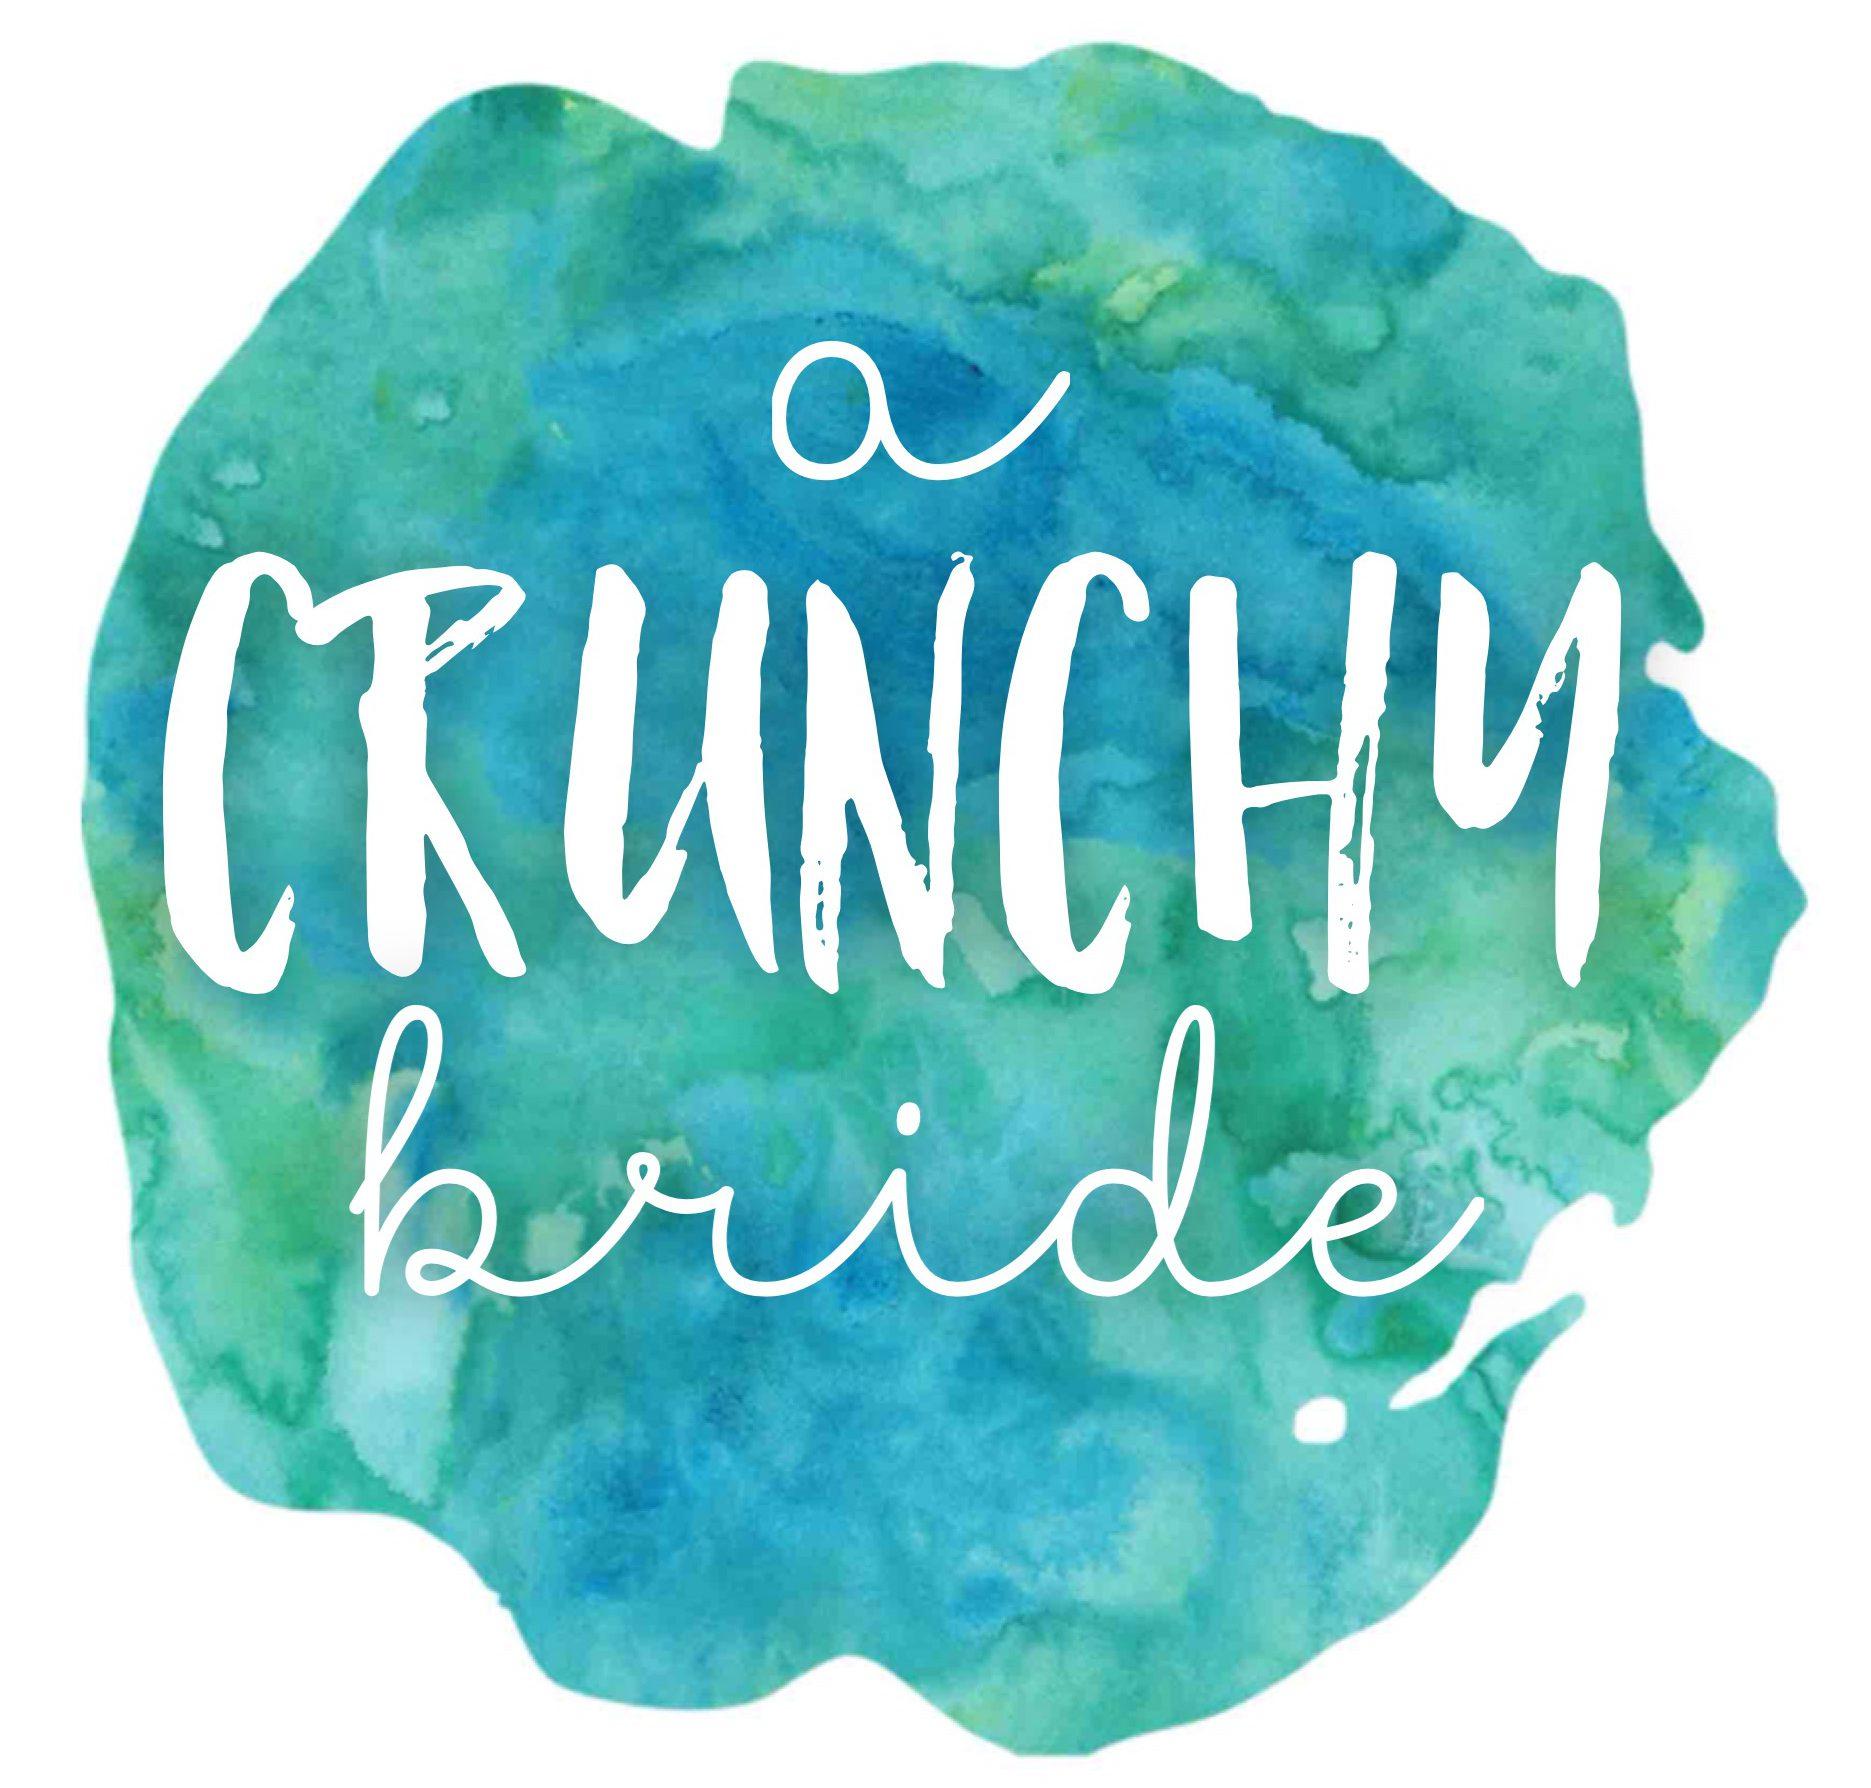 A Crunchy Bride